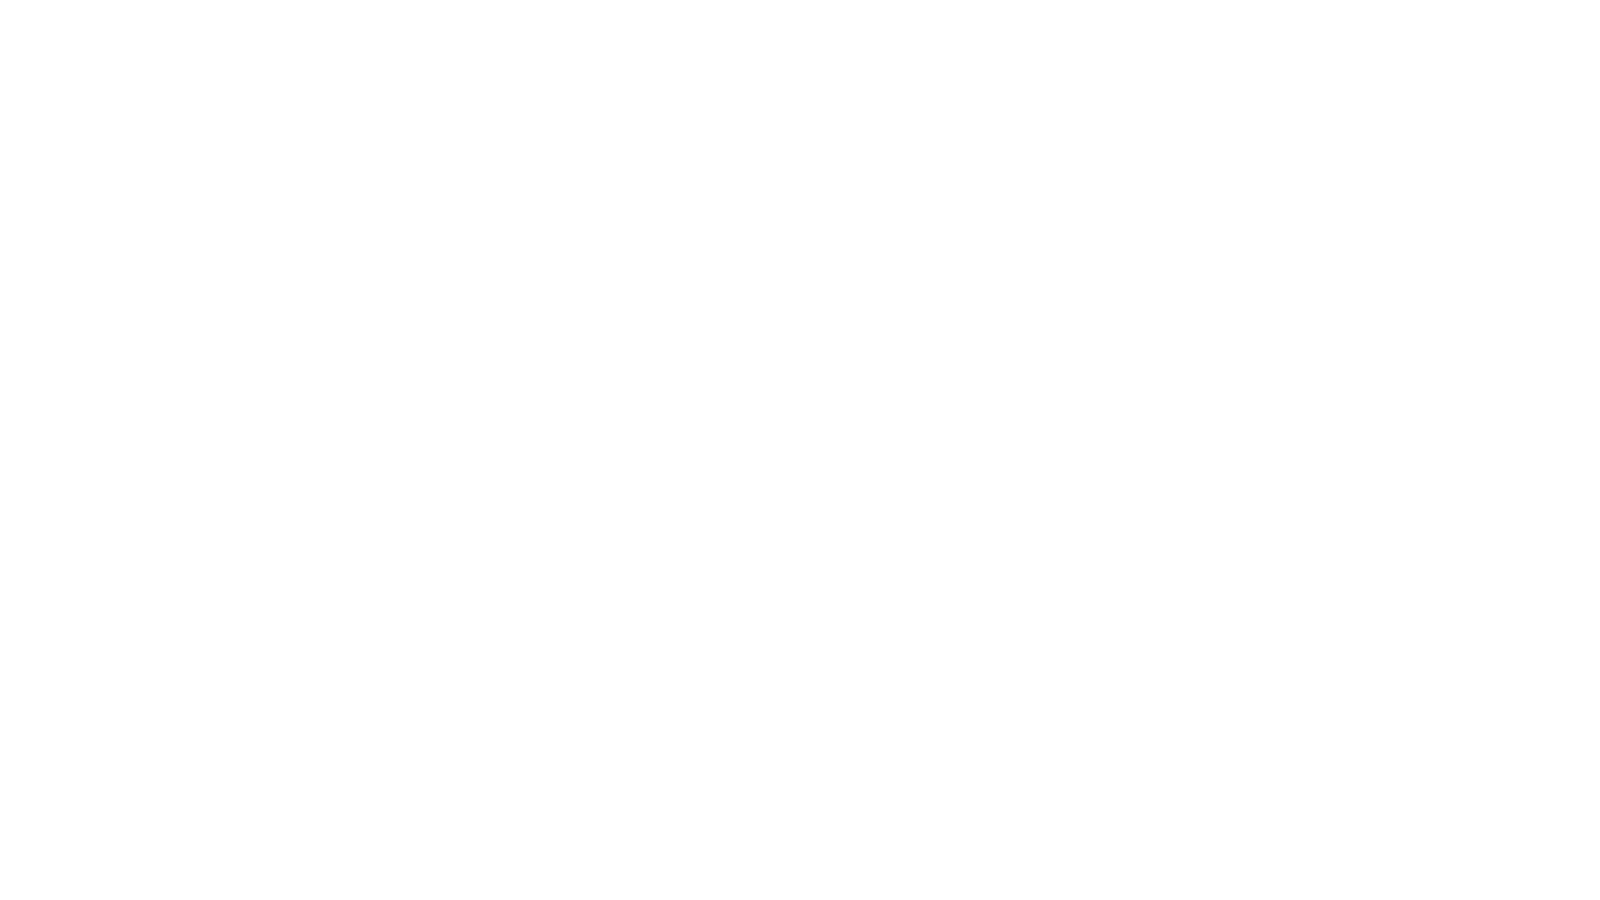 El Pescante de Hermigua, situado junto a la playa de Santa Catalina. Creado a comienzos del siglo XX y formado por estructuras construidas de piedra y mortero que sustentaban brazos de hierro con los cuales los barcos eran estibados.